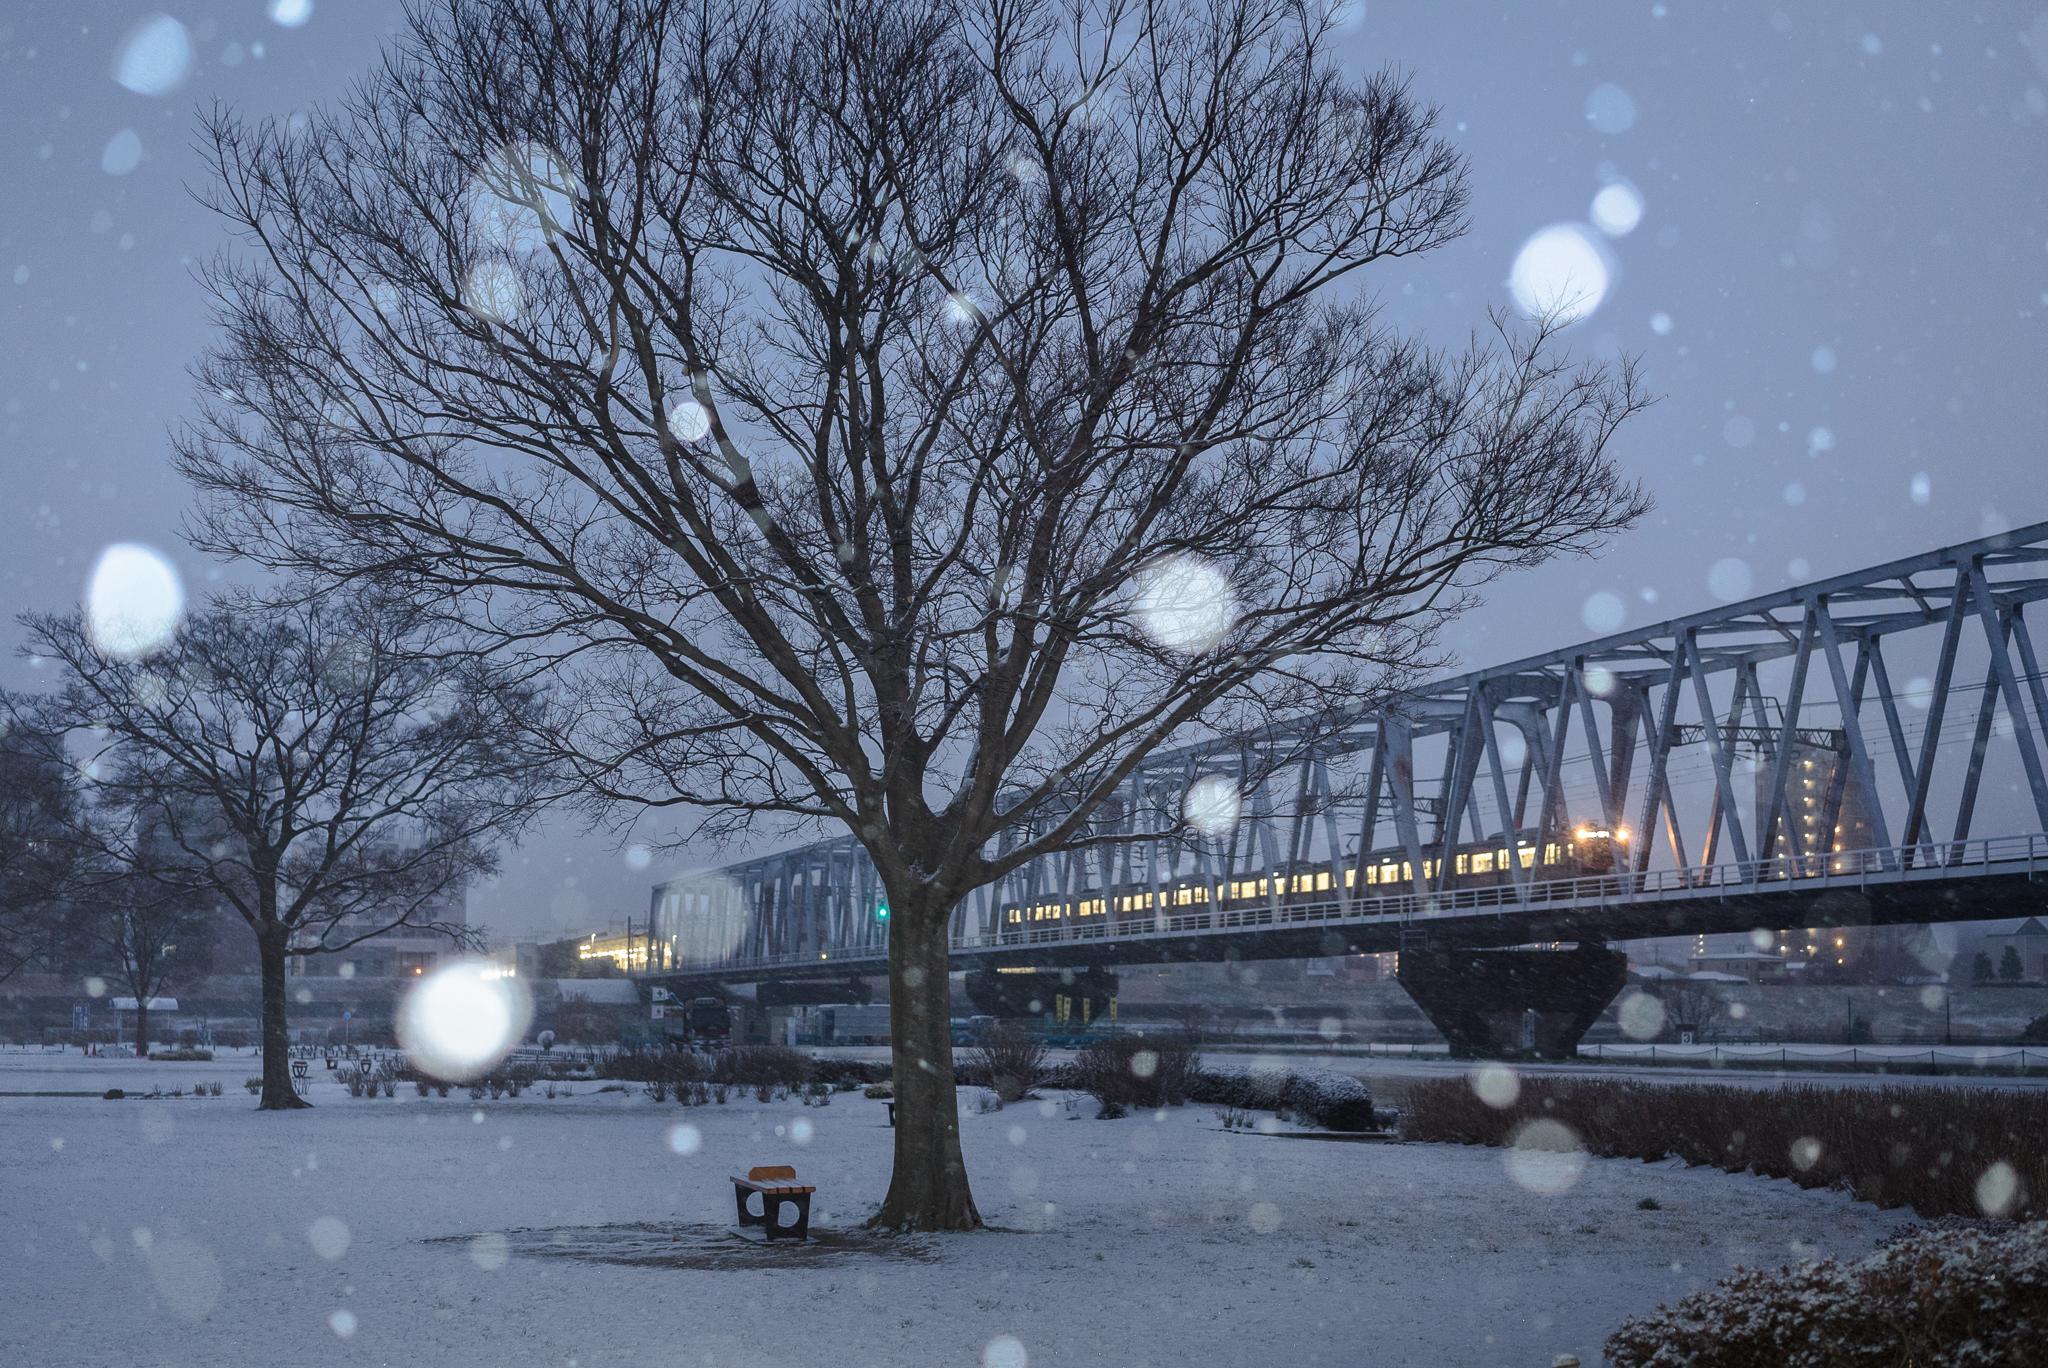 雪の江戸川河川敷と京成線 2019年2月11日 小岩菖蒲園にて撮影